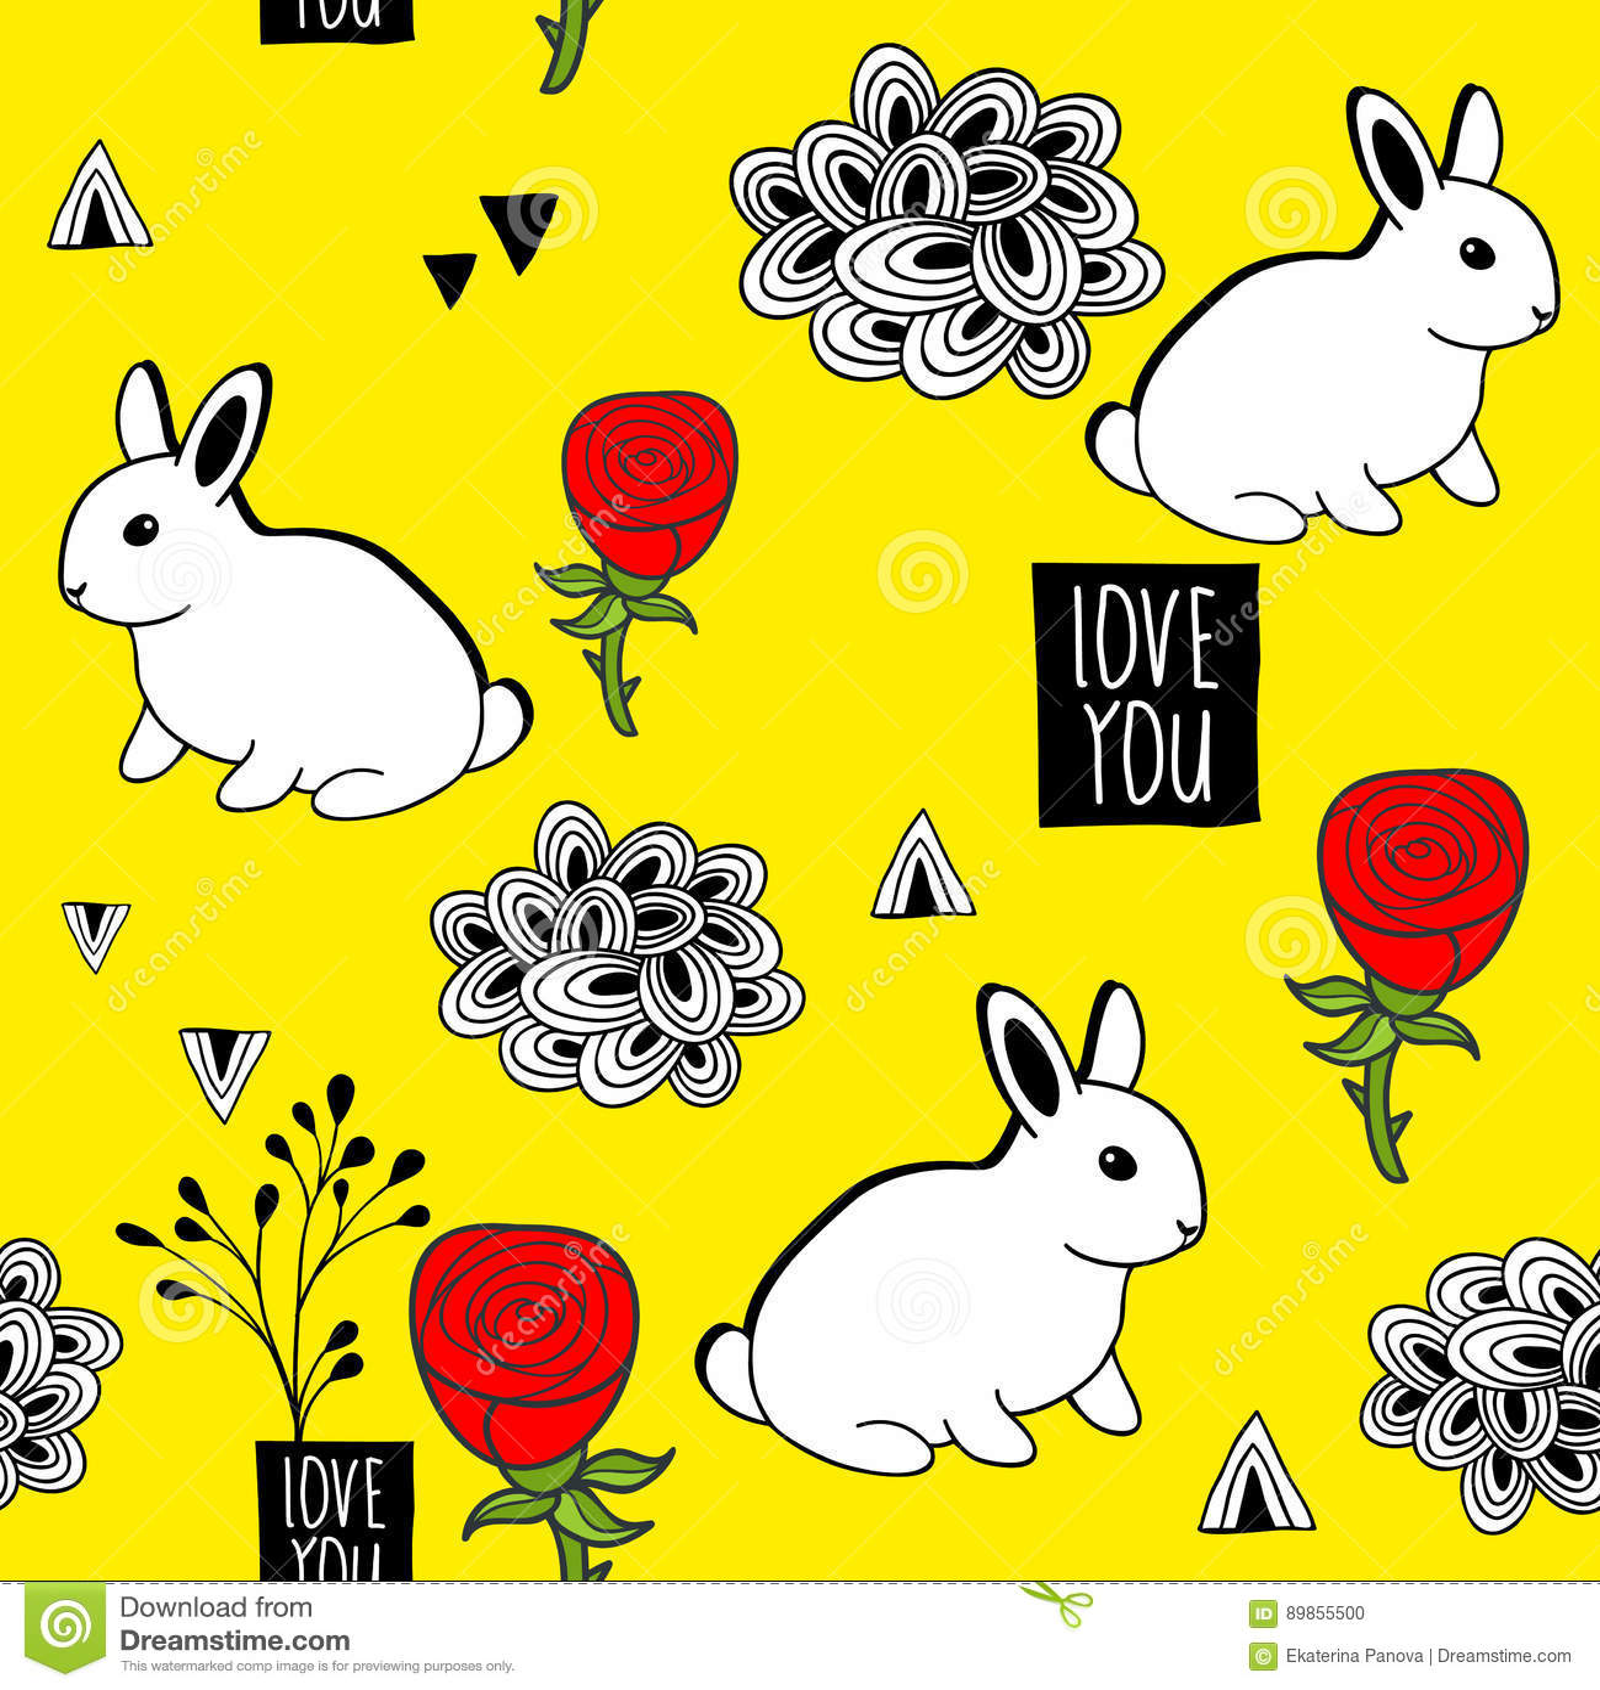 Очень милая безшовная картина с белыми кроликами и романтичным сообщением